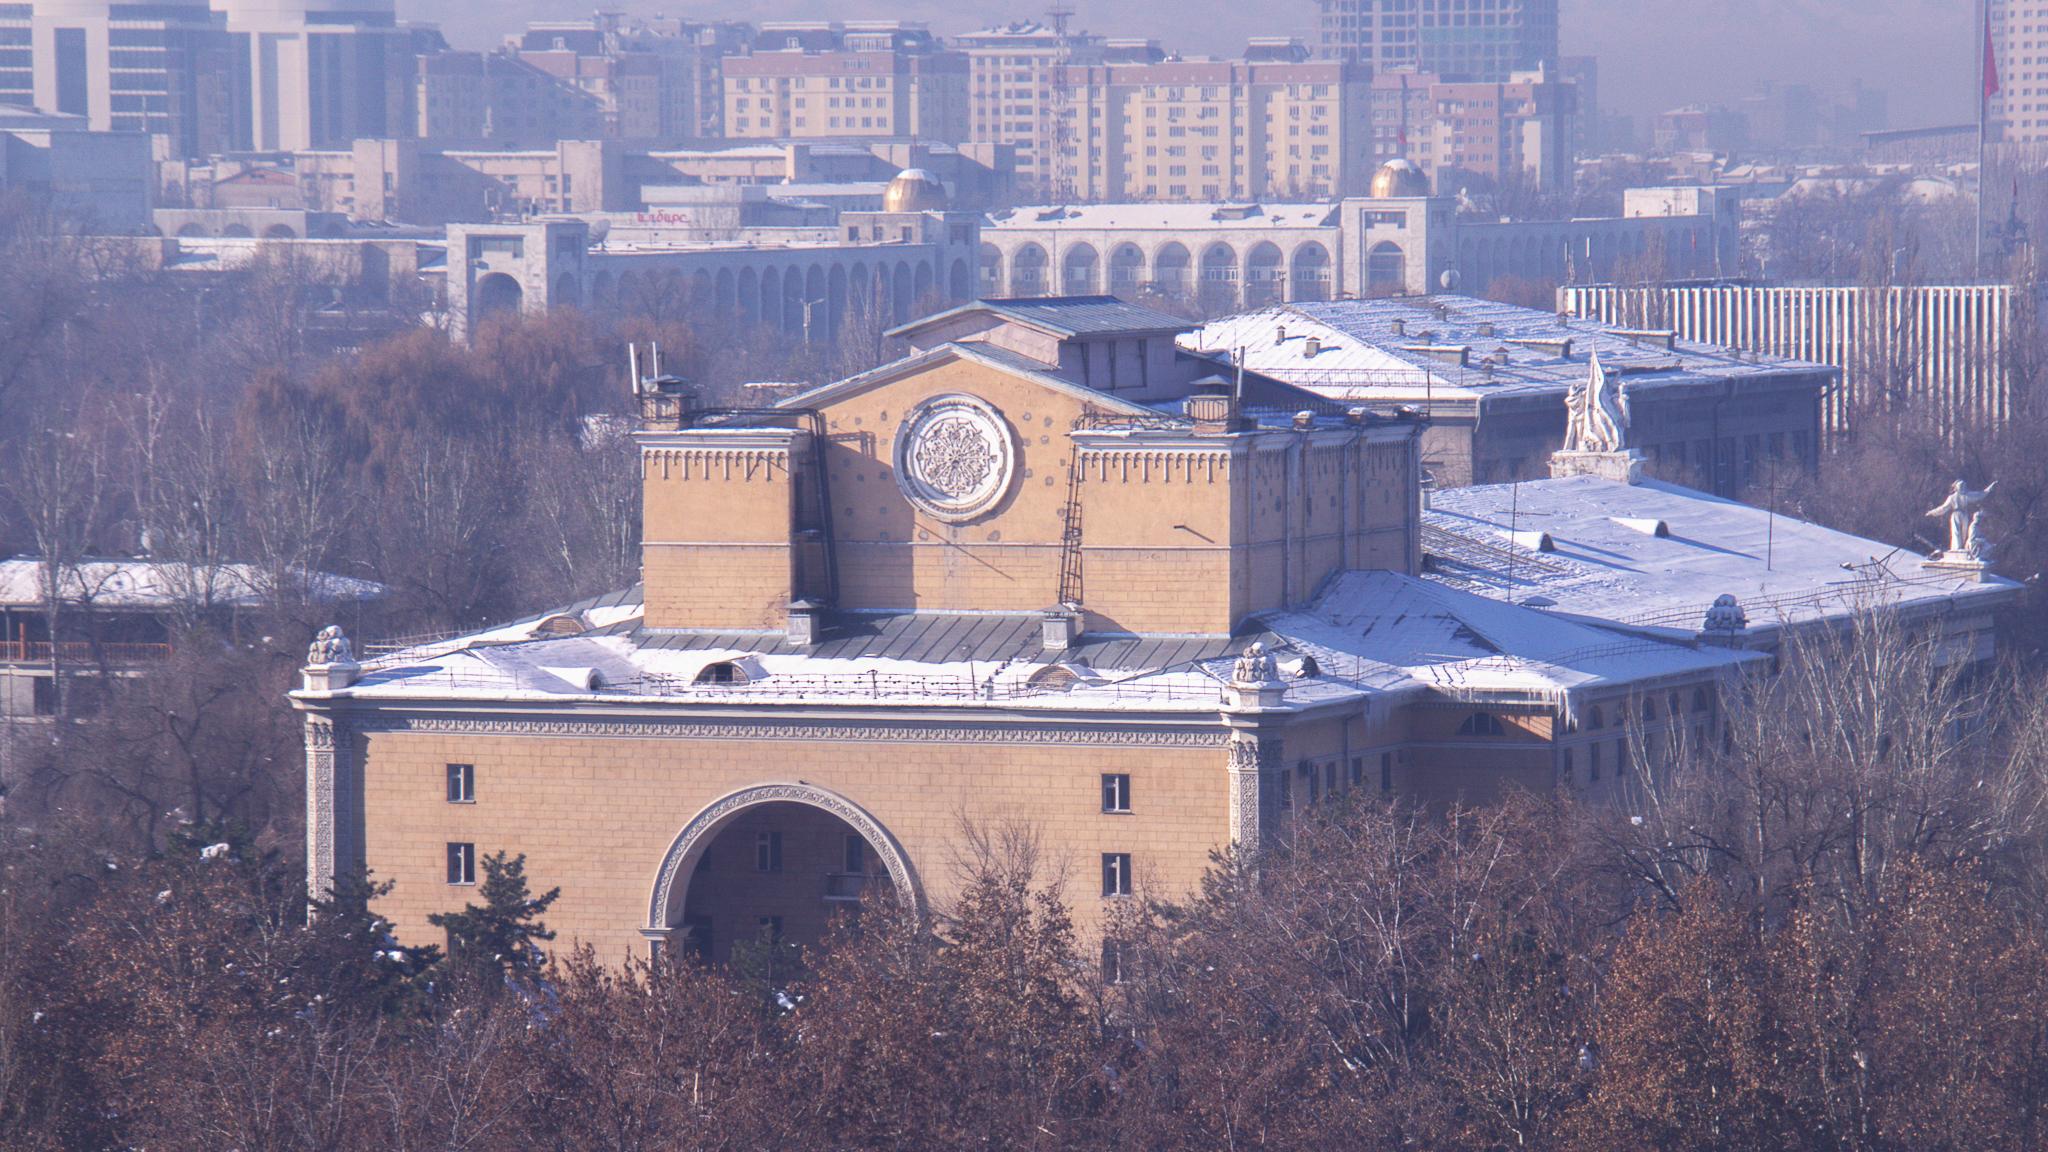 С этого ракурса Театр оперы и балета похож на здание, расположенное, например, в Стамбуле. Только белые гаргульи выдают не восточное происхождение архитектуры театра.